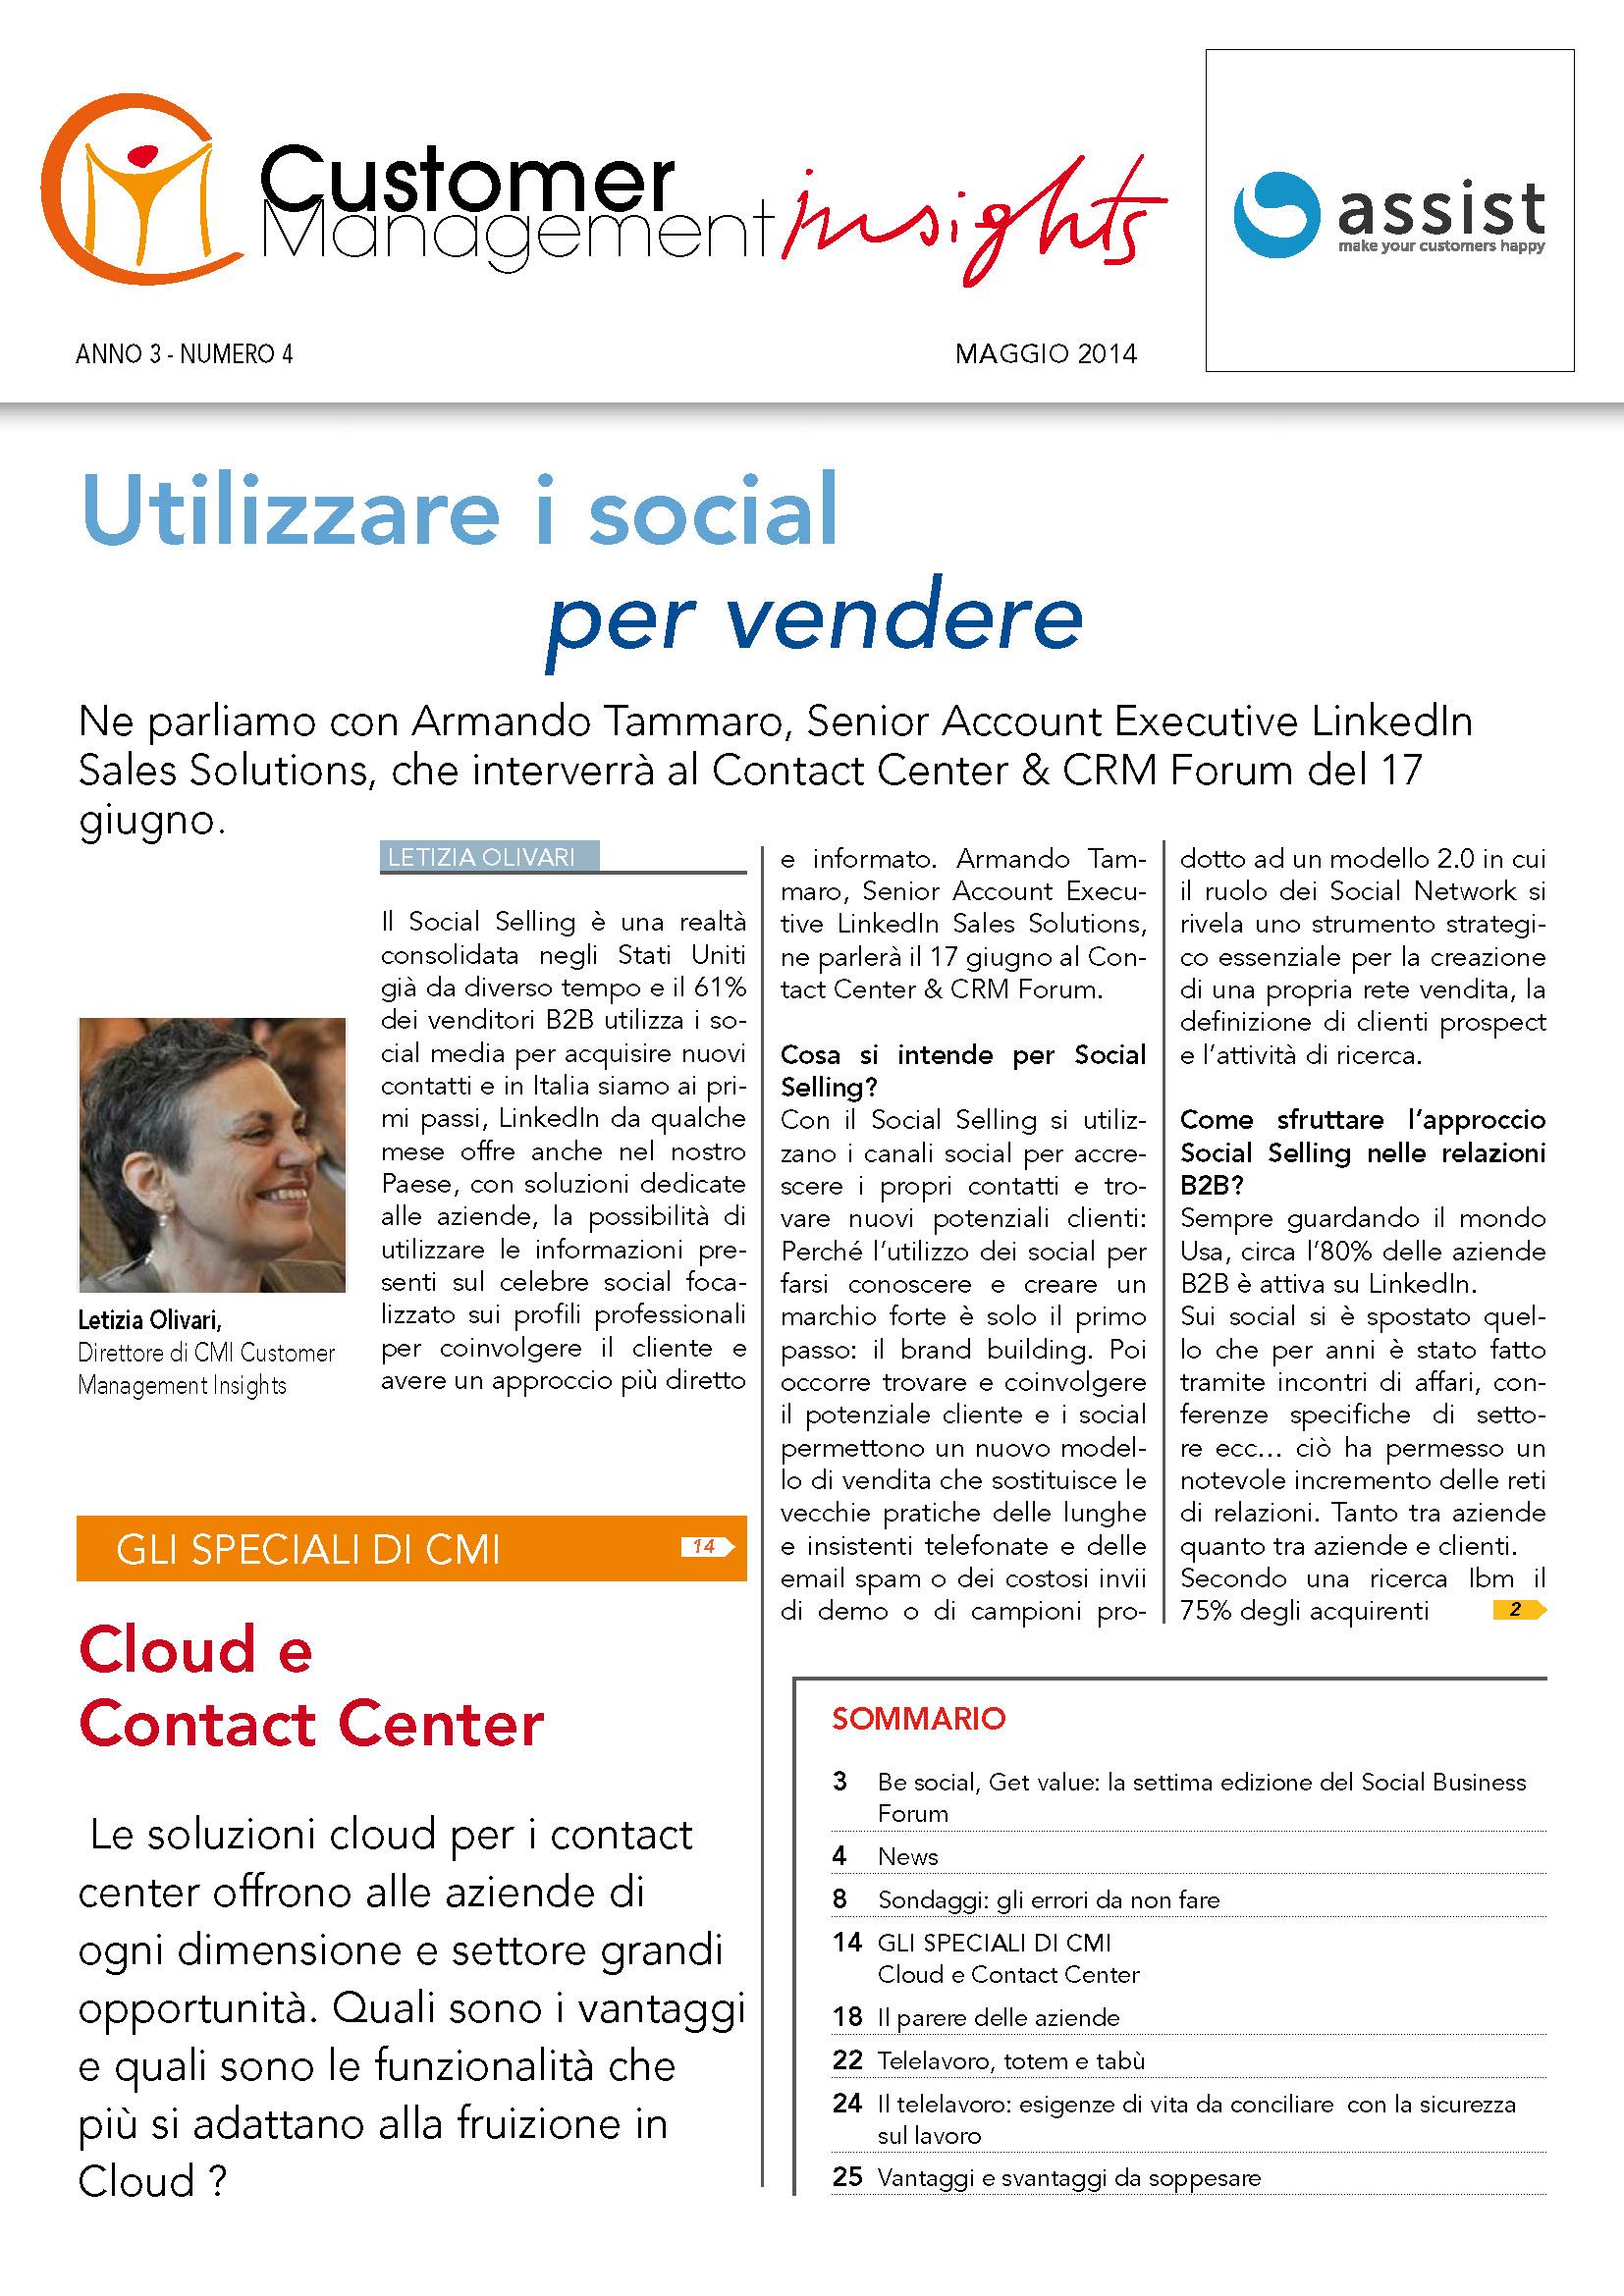 Maggio 2014 – Cloud e Contact Center